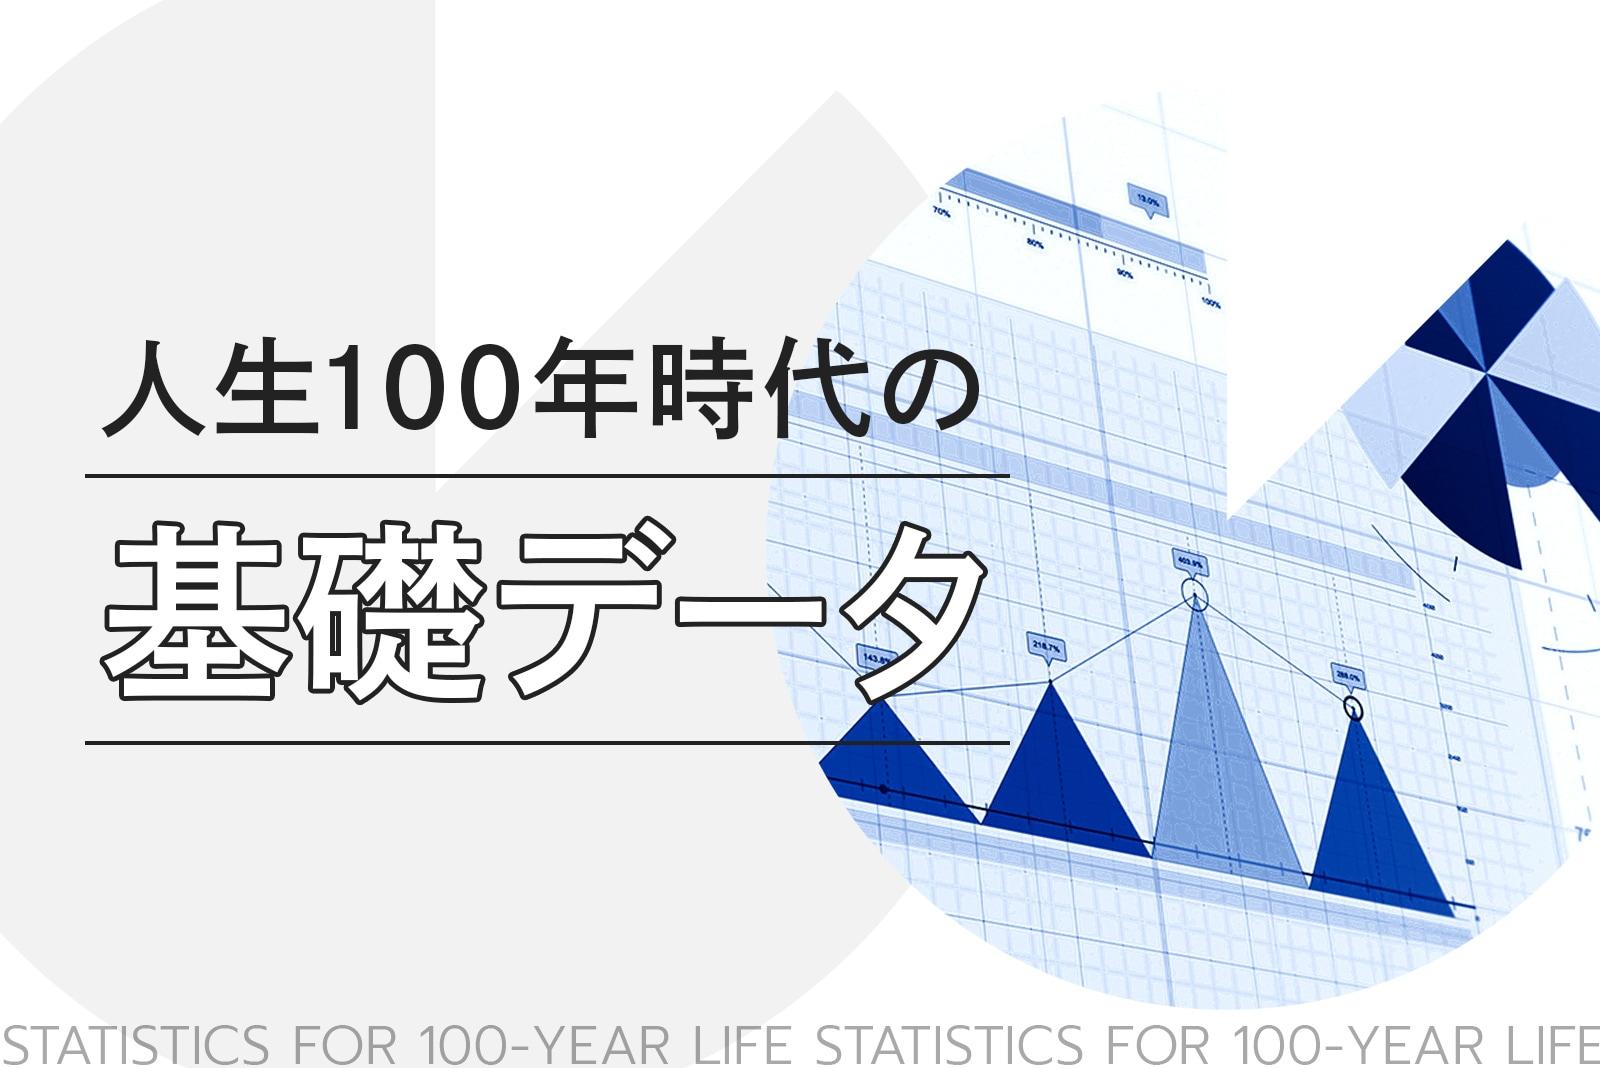 人生100年時代の基礎データ